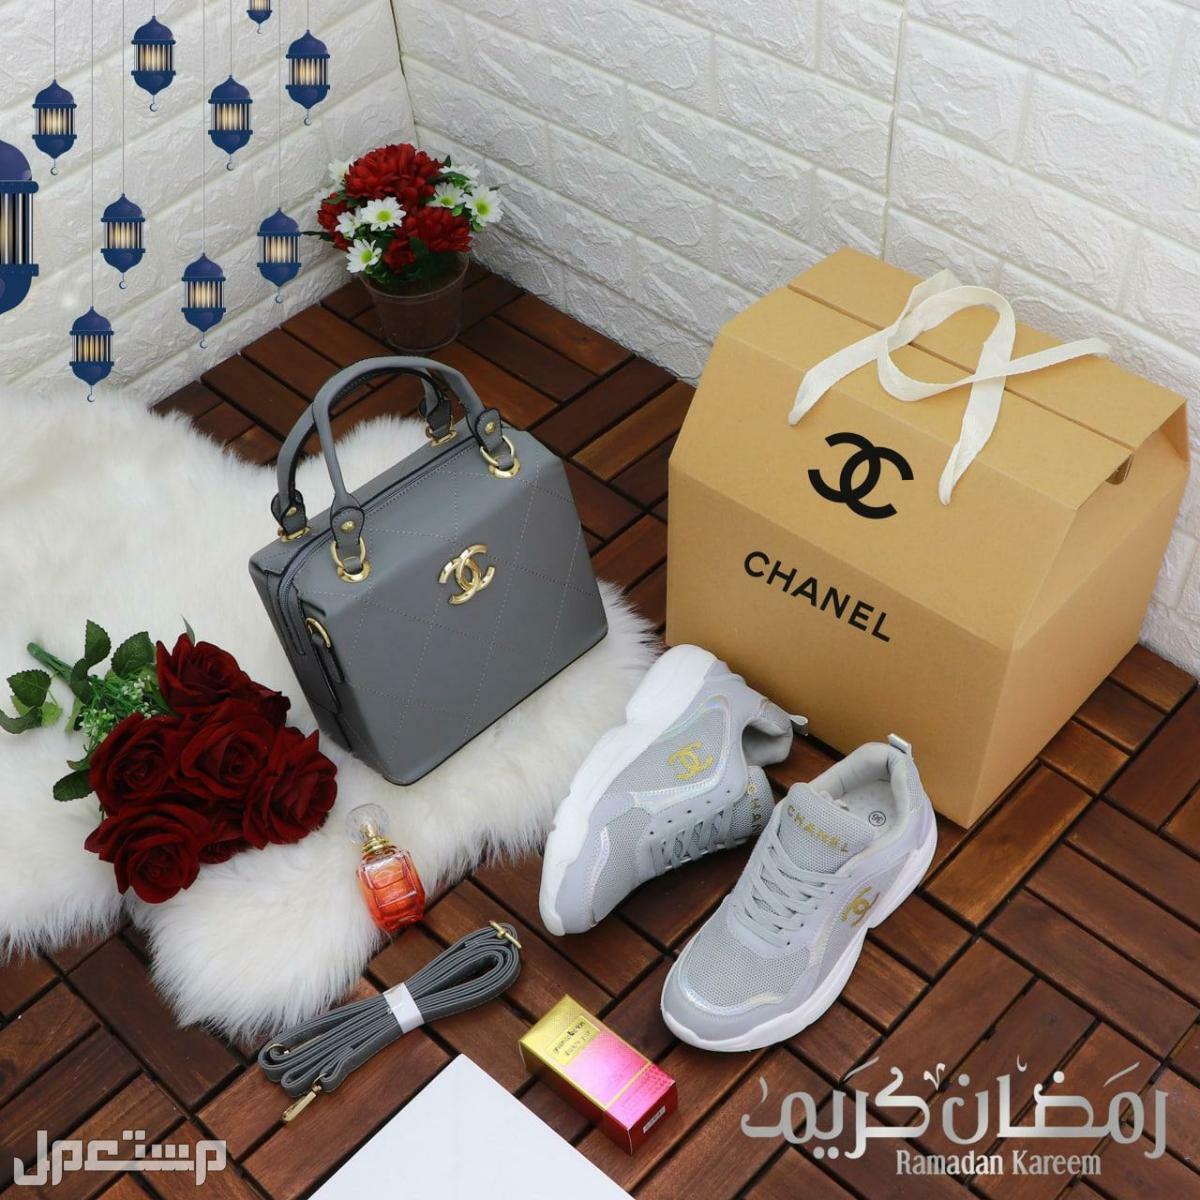 شنطة شانيل الجديده مع شوز رياضي مميز